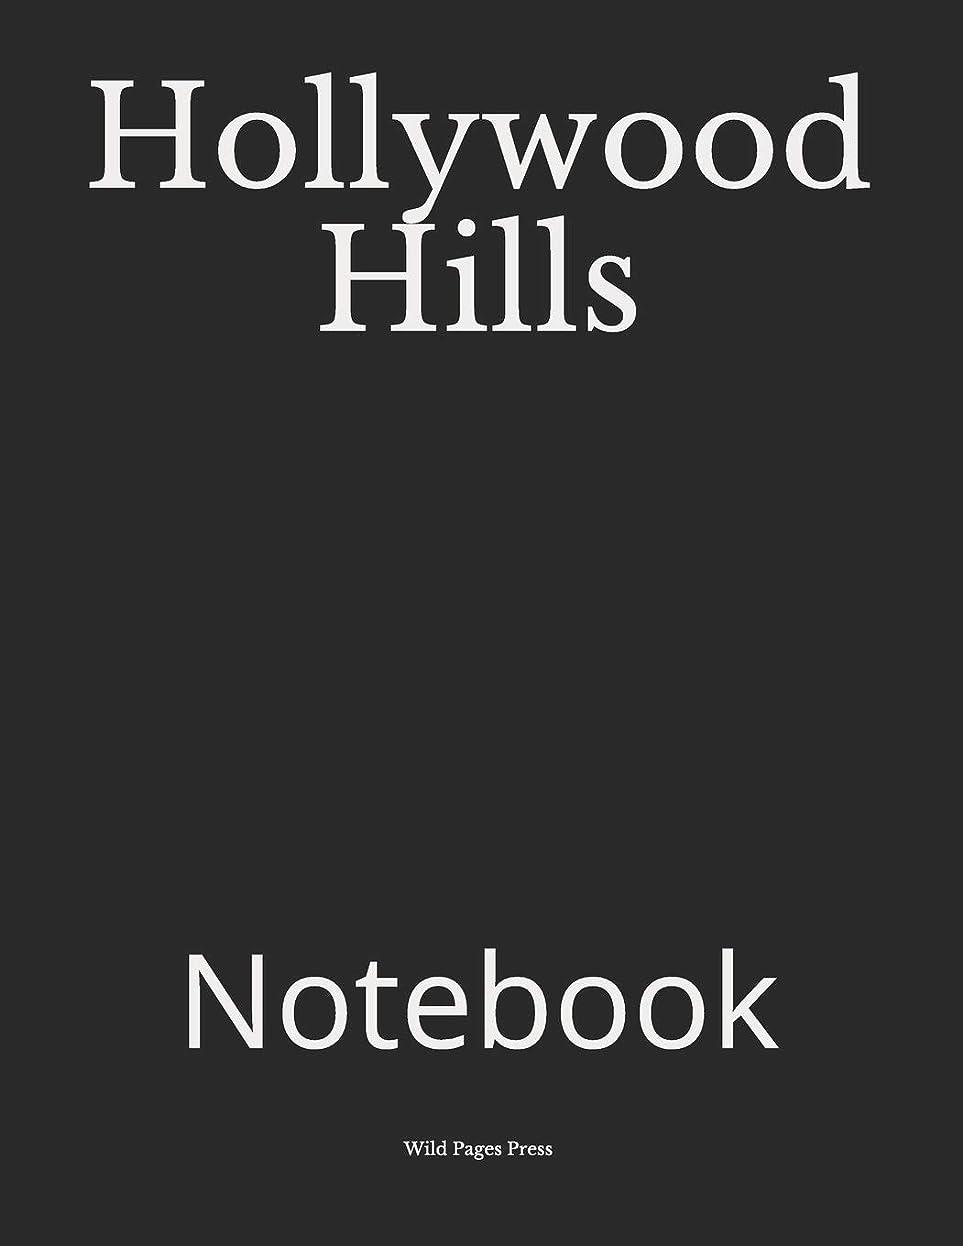 定数医薬活気づくHollywood Hills: Notebook